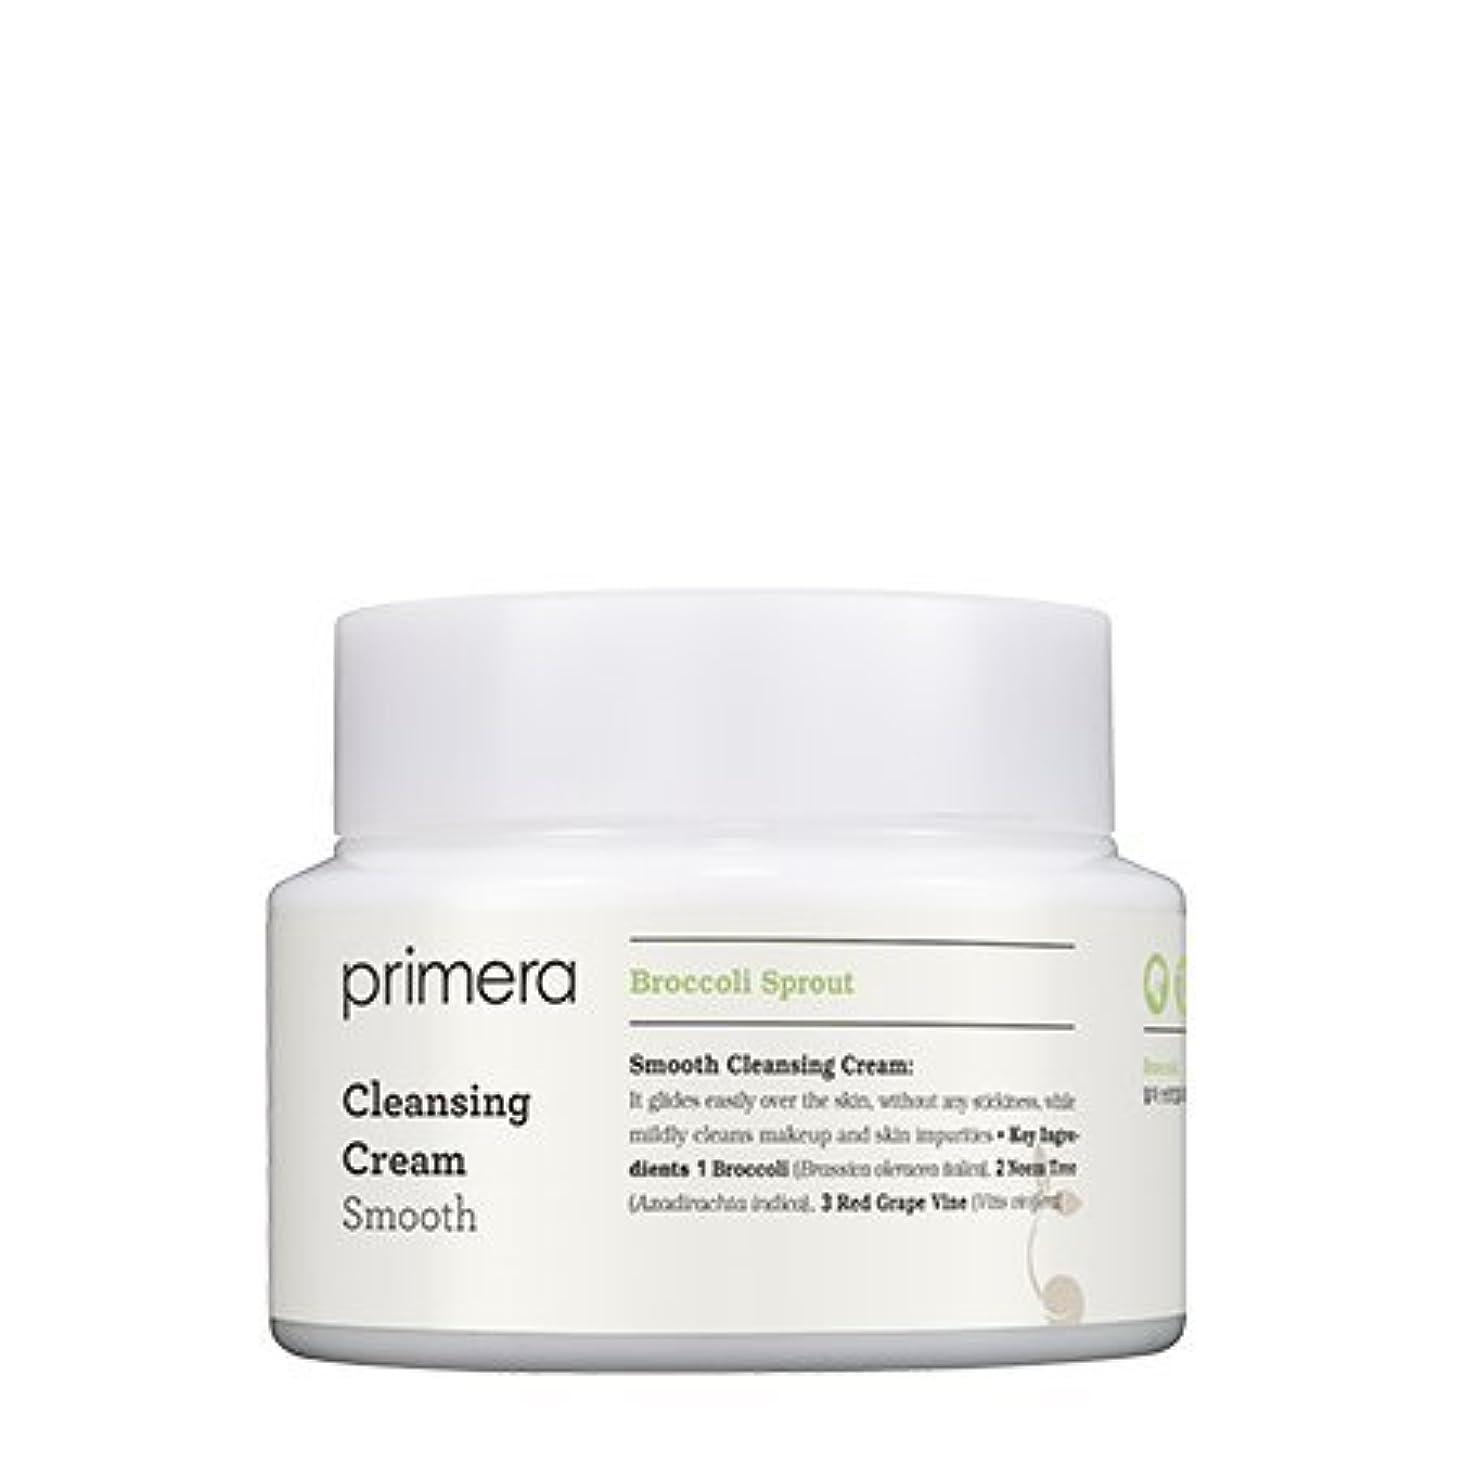 敬意サイト浸した【Primera】Smooth Cleansing Cream - 250g (韓国直送品) (SHOPPINGINSTAGRAM)